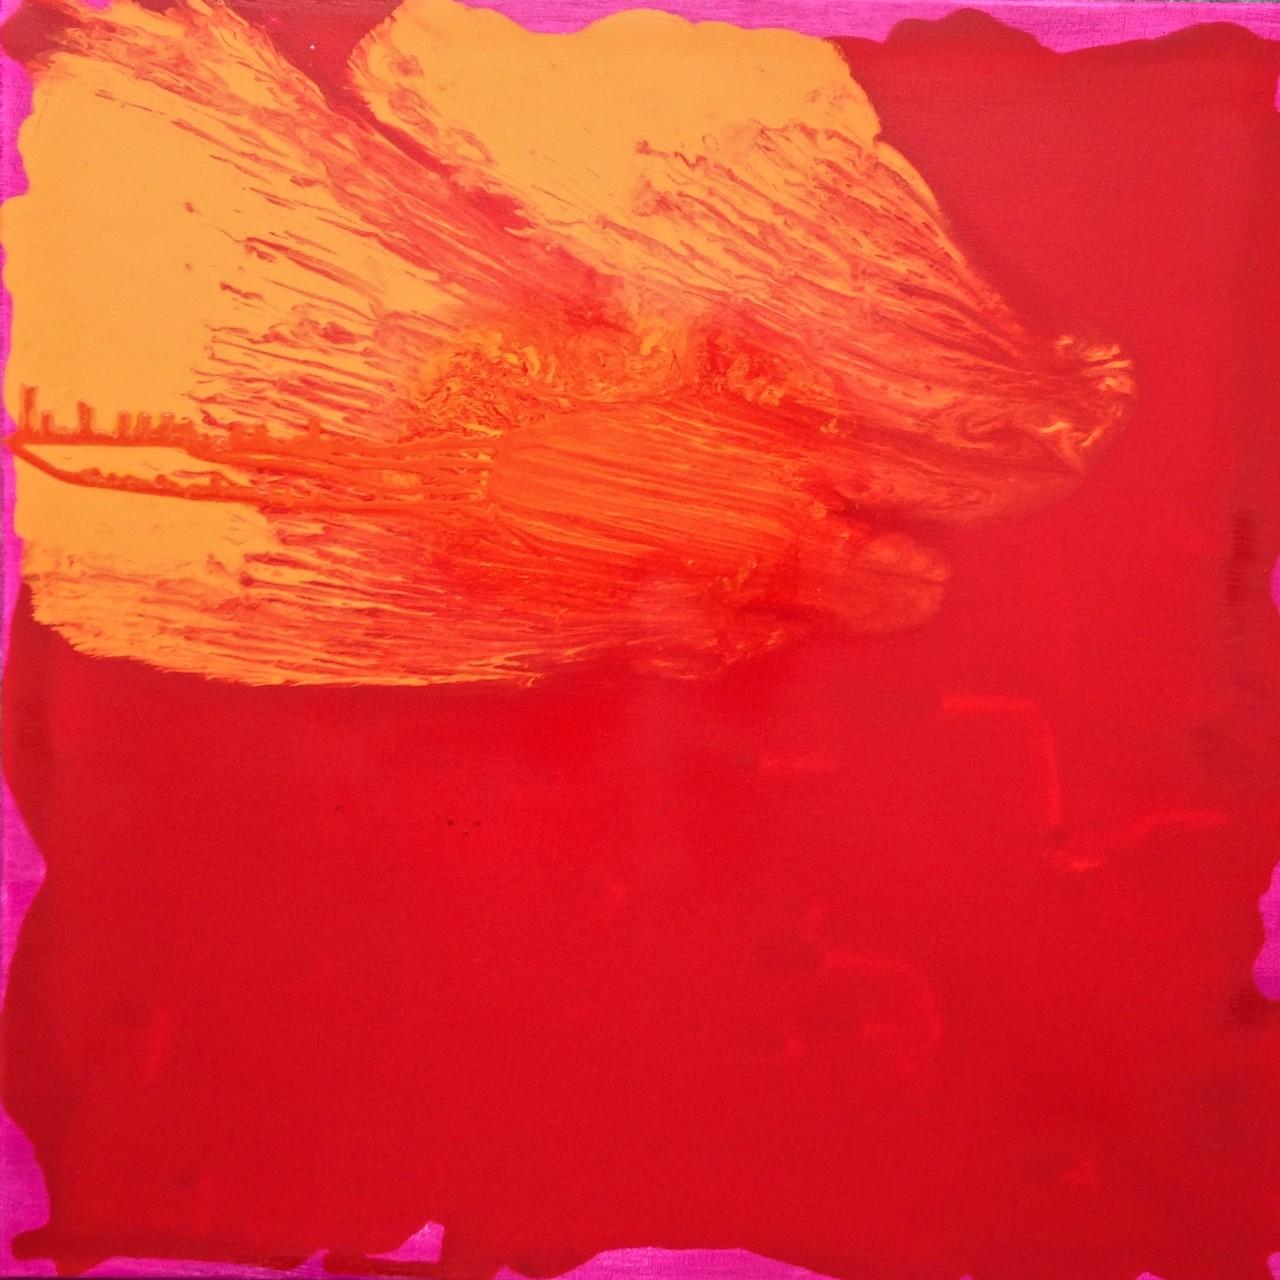 ENTSCHLEUNIGUNG FL 03, 2015, Johannes Morten, 80 x 80 cm, Öl auf Canvas